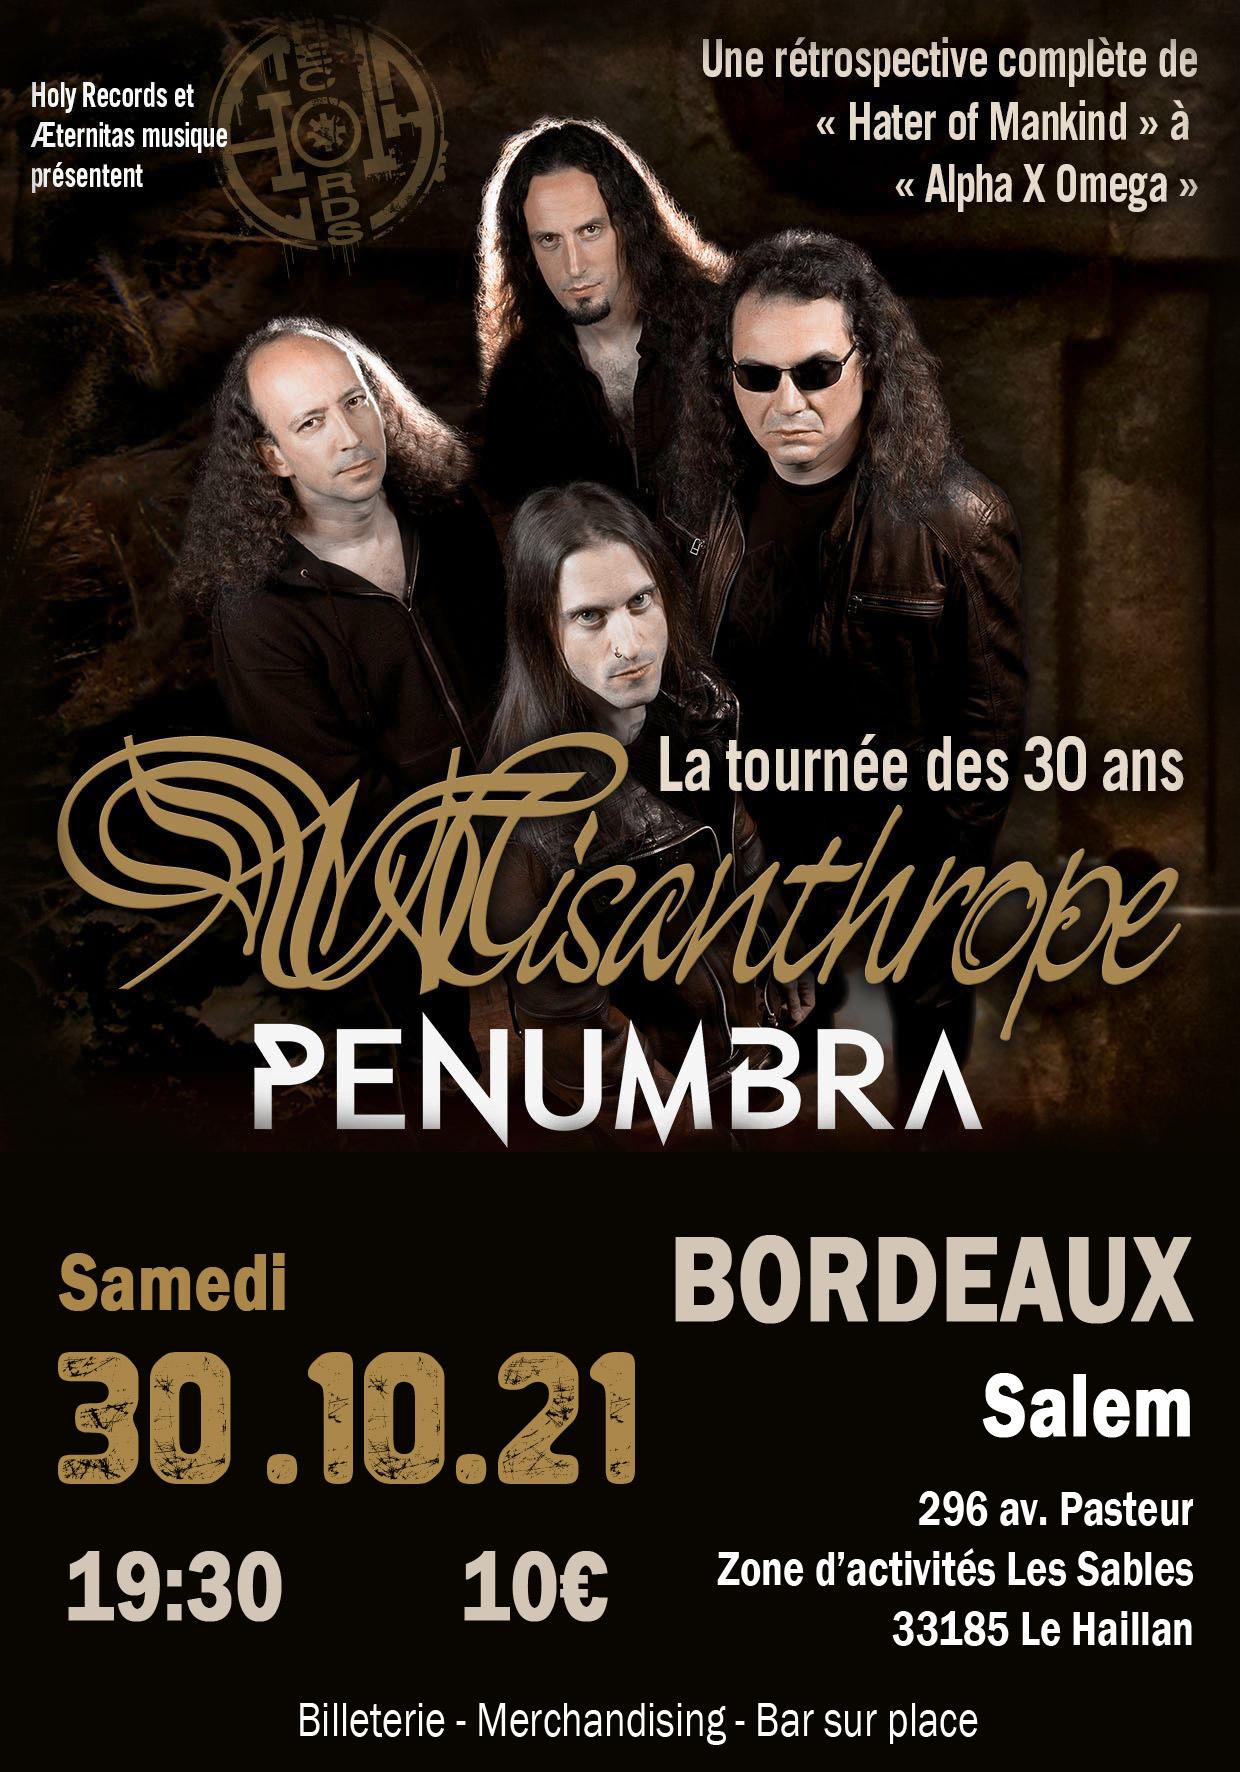 Affiche du concert de Misanthrope et Penumbra le 30 octobre 2021